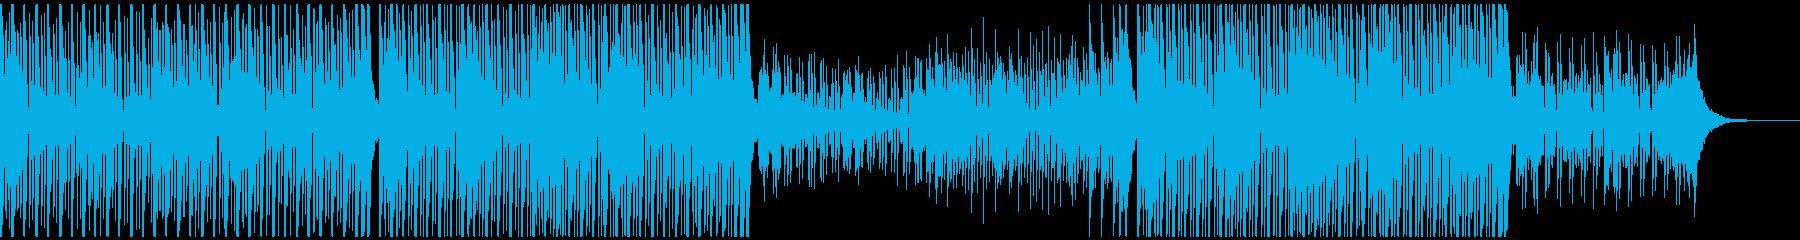 スポーツアクション(90秒)の再生済みの波形